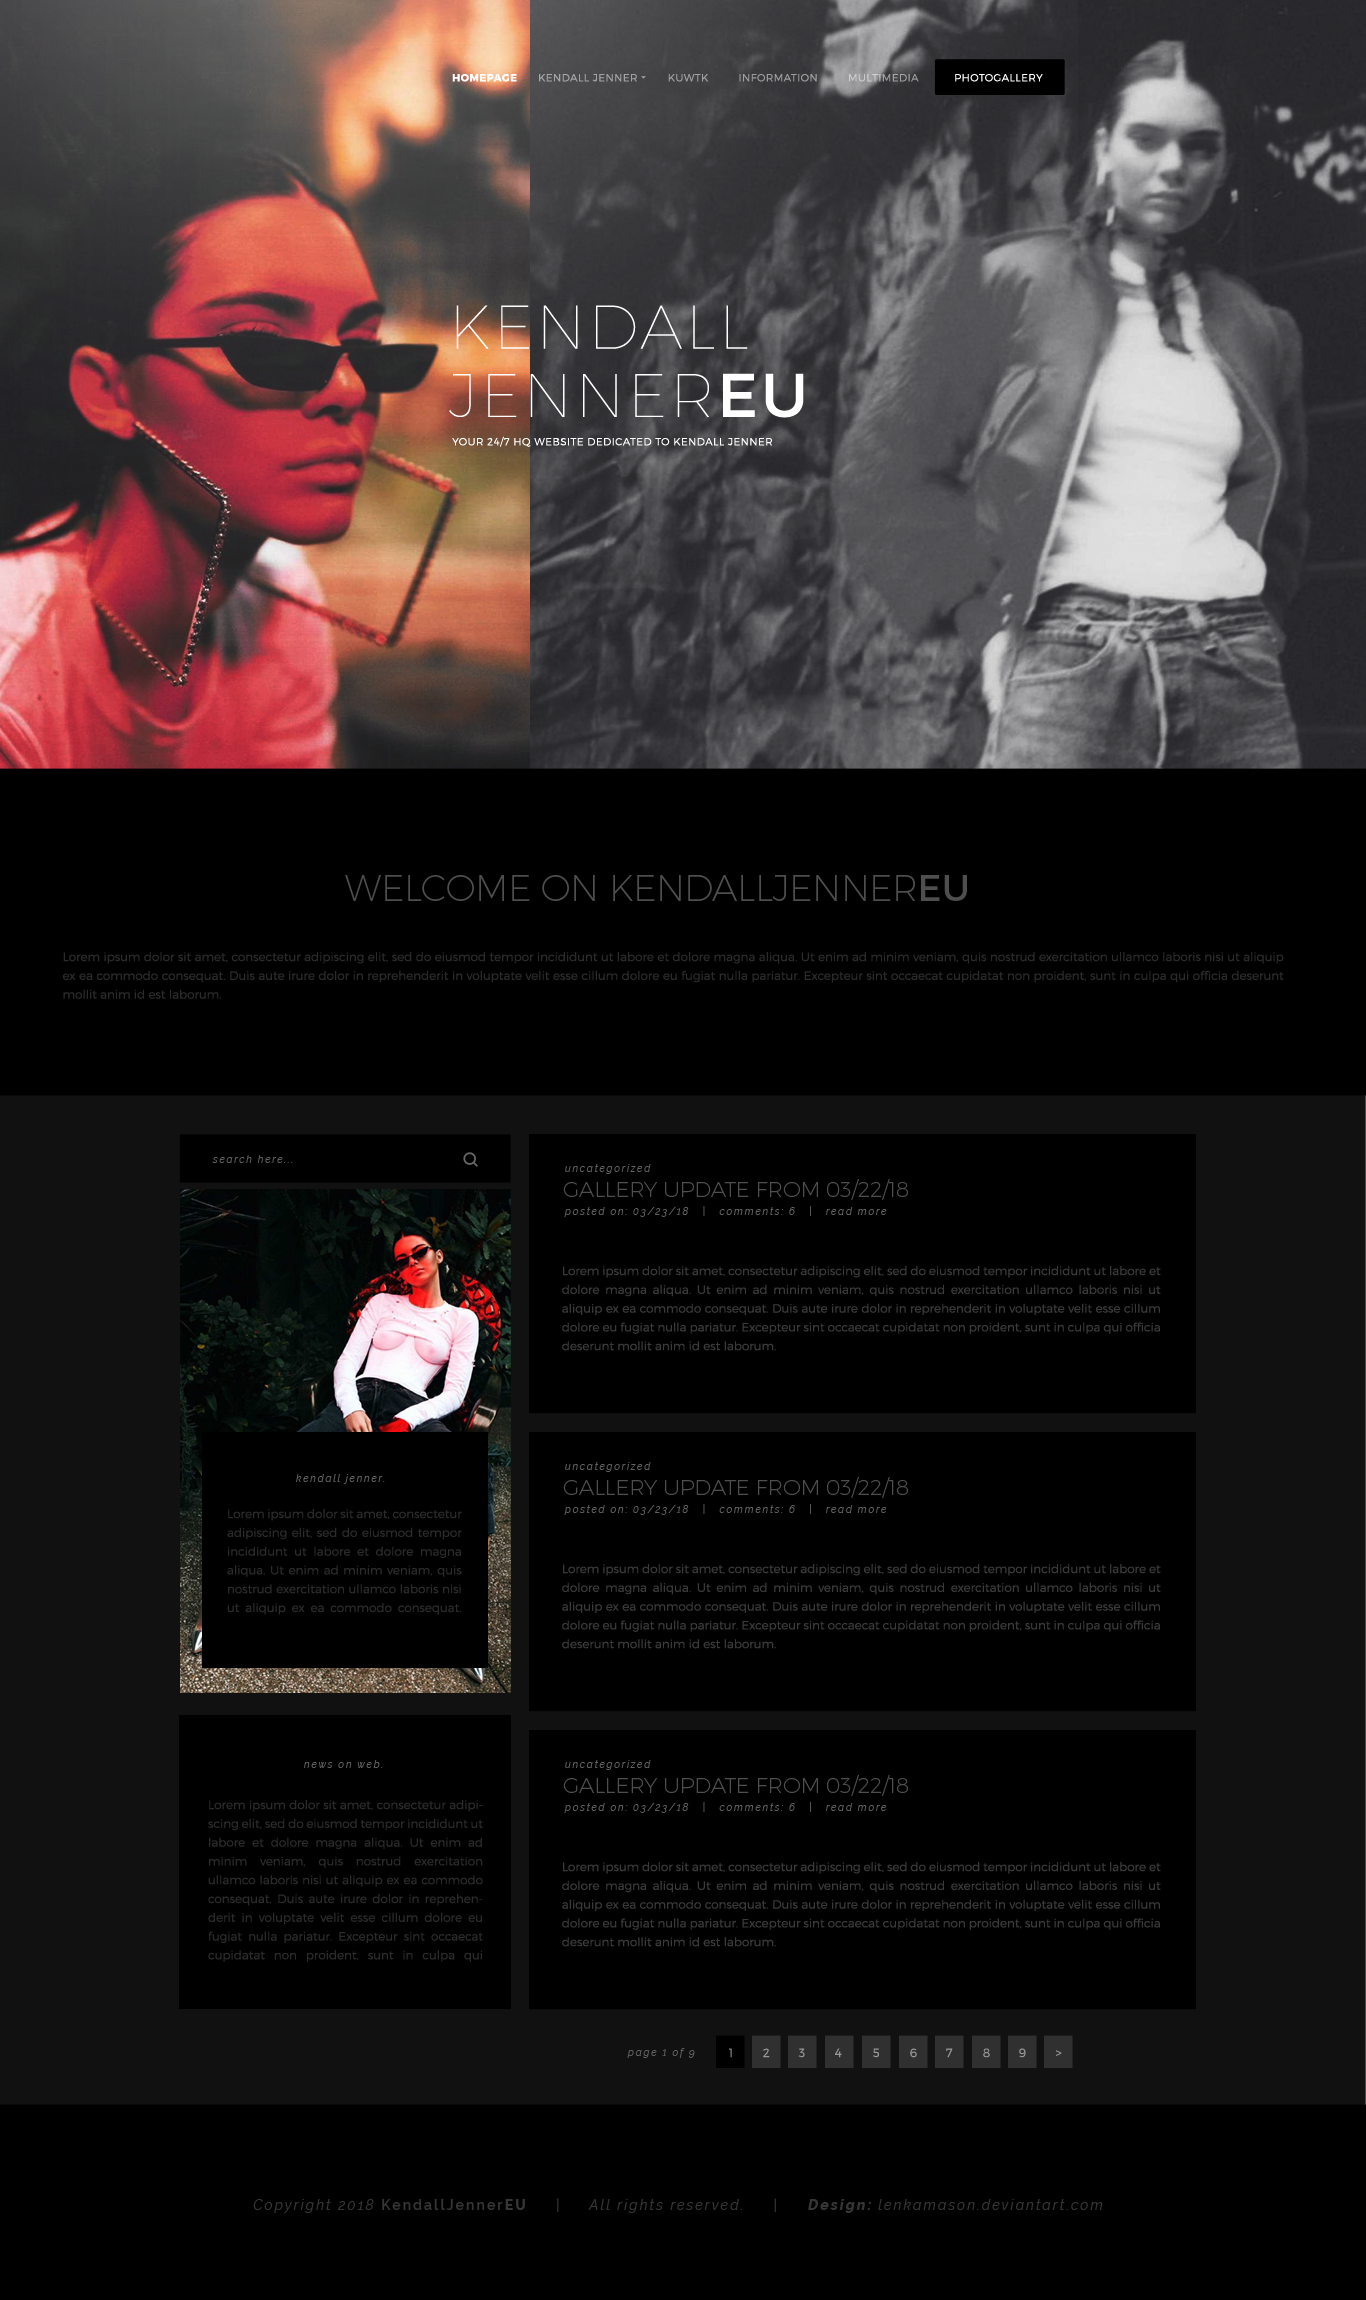 Kendall Jenner Free Layout by lenkamason